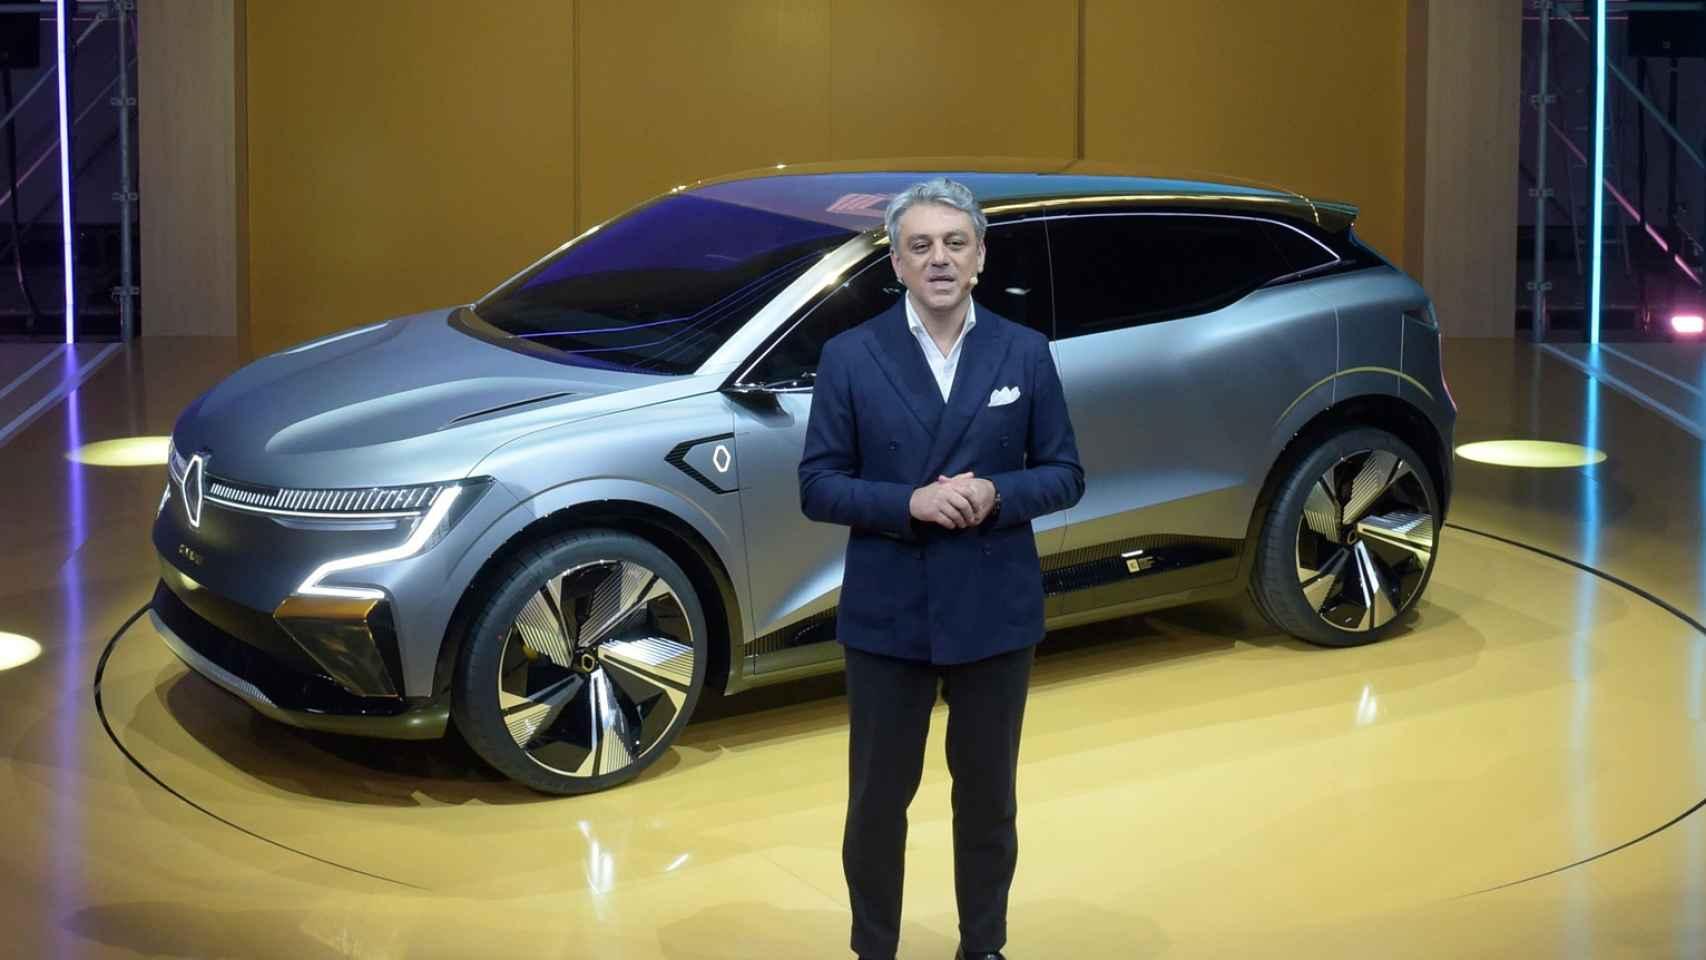 Luca de Meo, nuevo CEO del Grupo Renault (Renault, Dacia y Alpine).